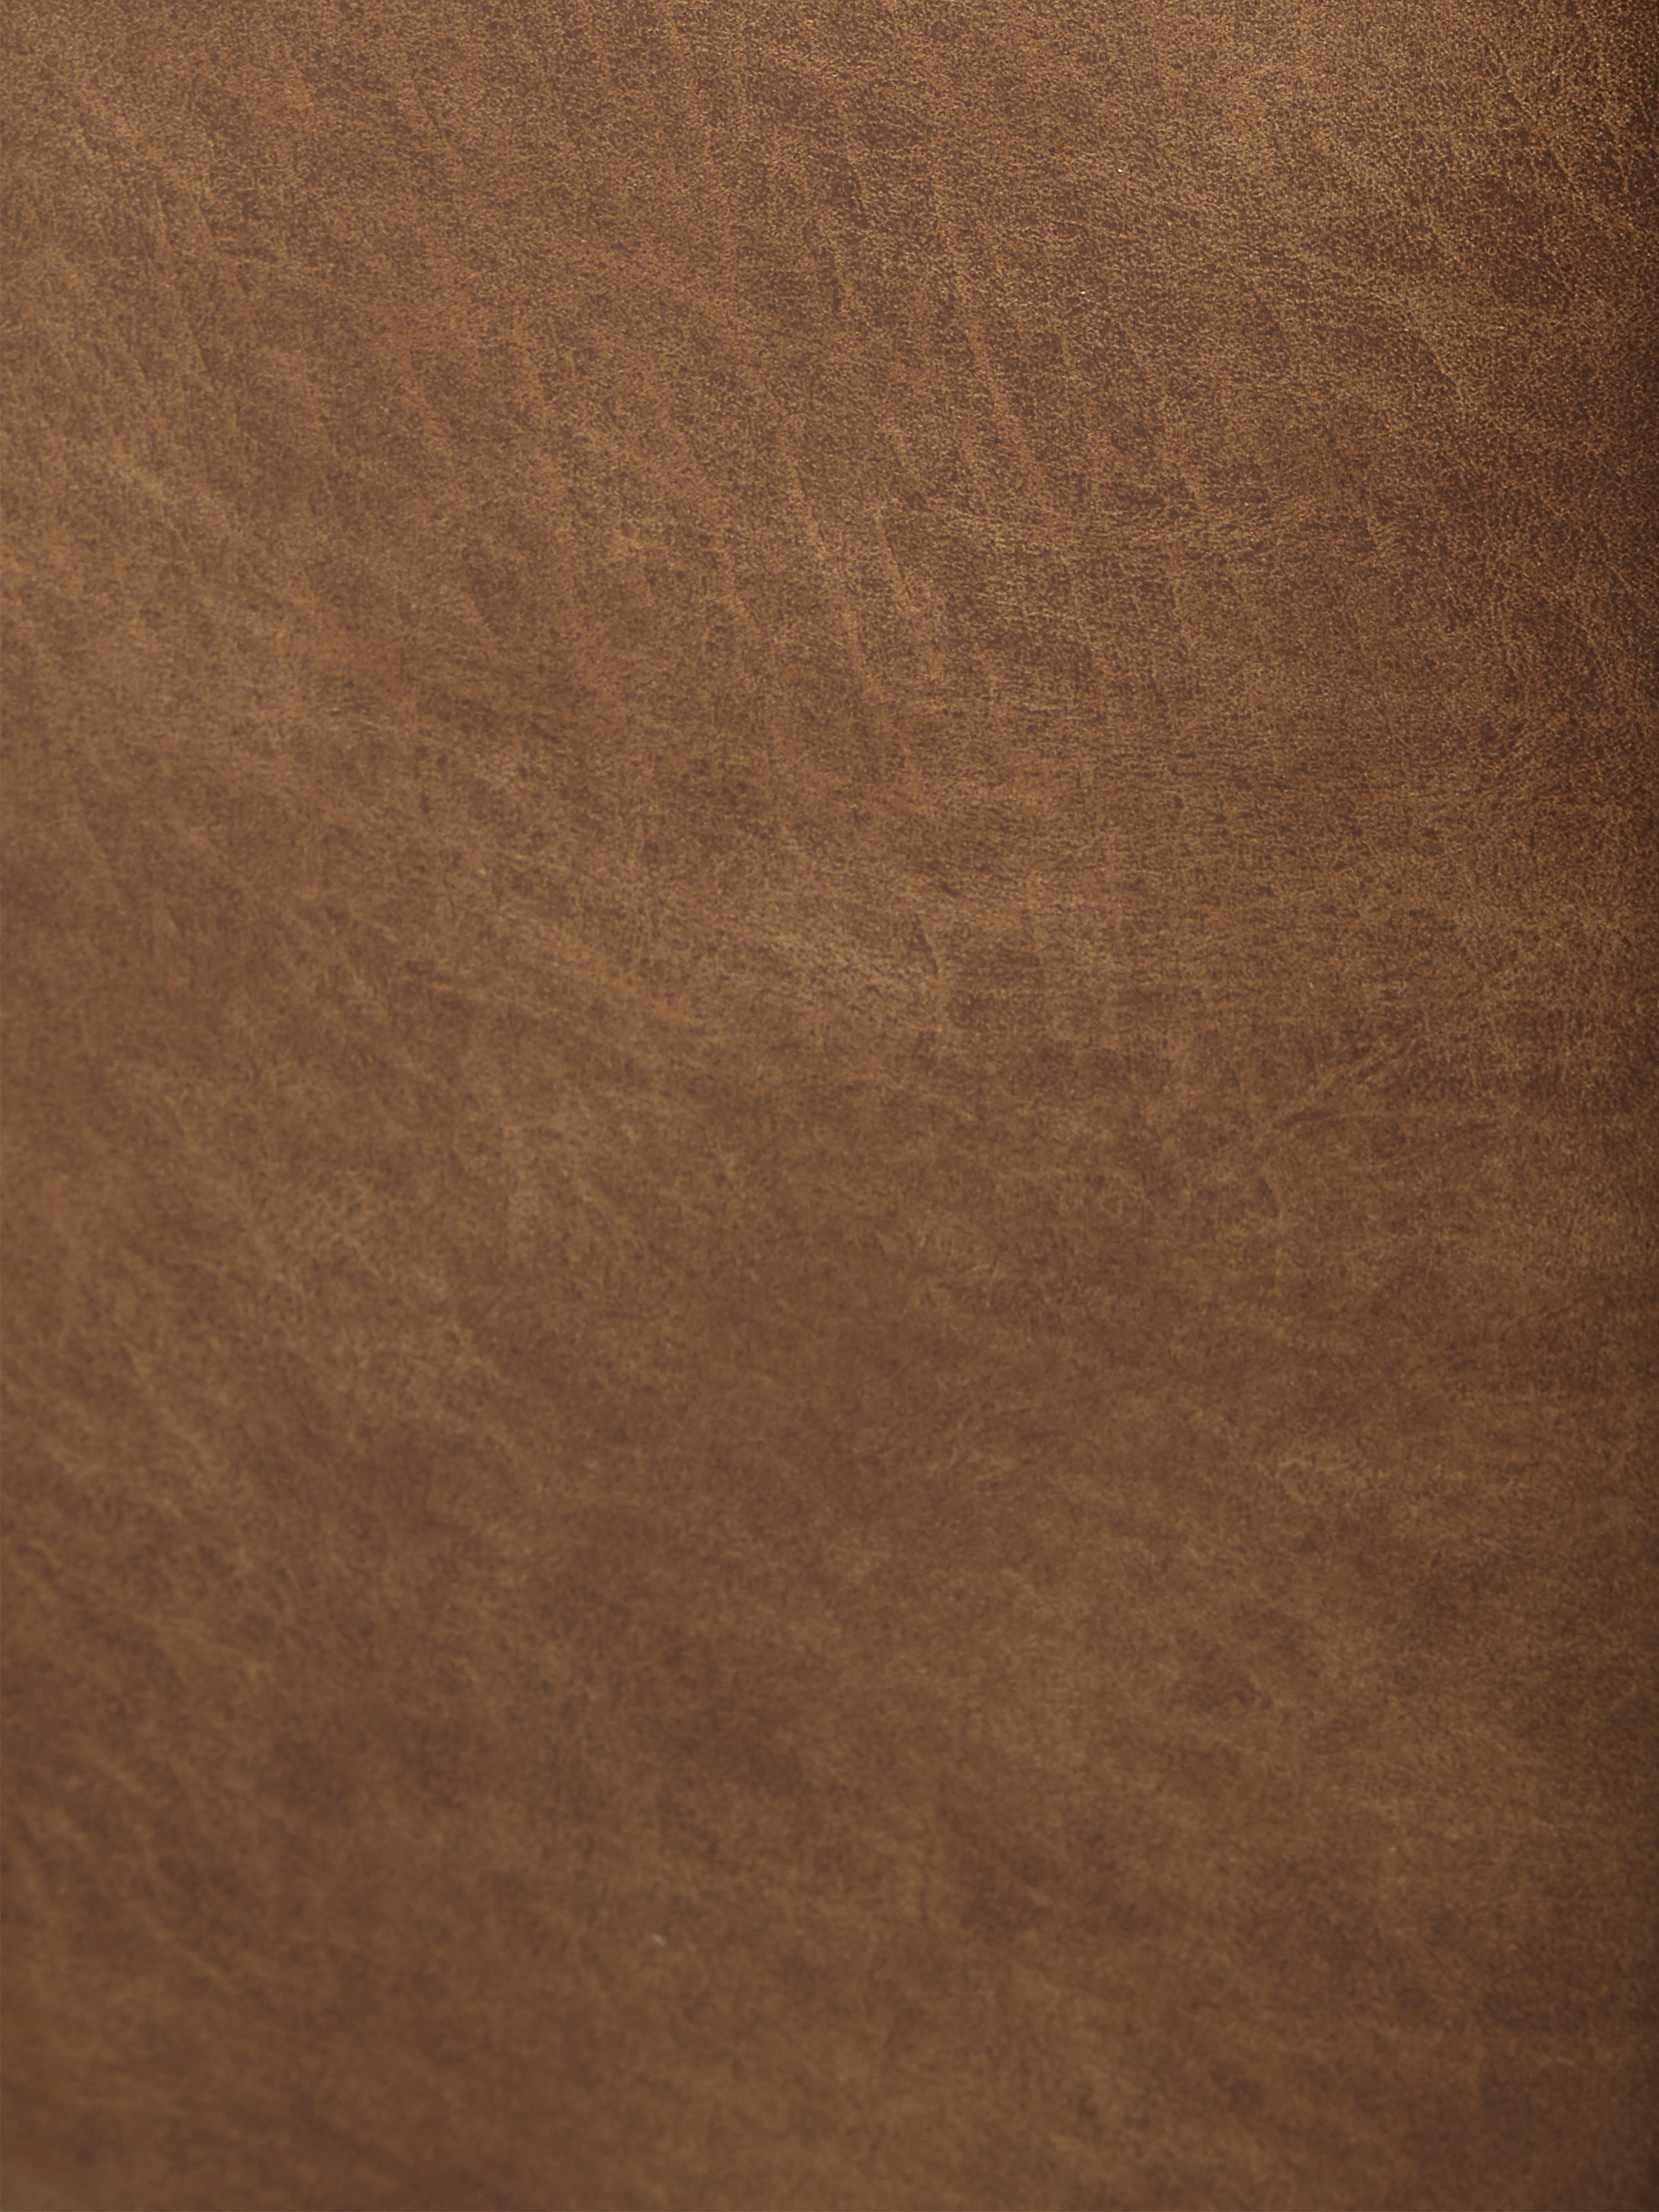 Divano componibile 3 posti in pelle marrone Lennon, Rivestimento: 70% pelle, 30% poliestere, Struttura: legno di pino massiccio, , Piedini: materiale sintetico, Pelle marrone, Larg. 238 x Prof. 119 cm